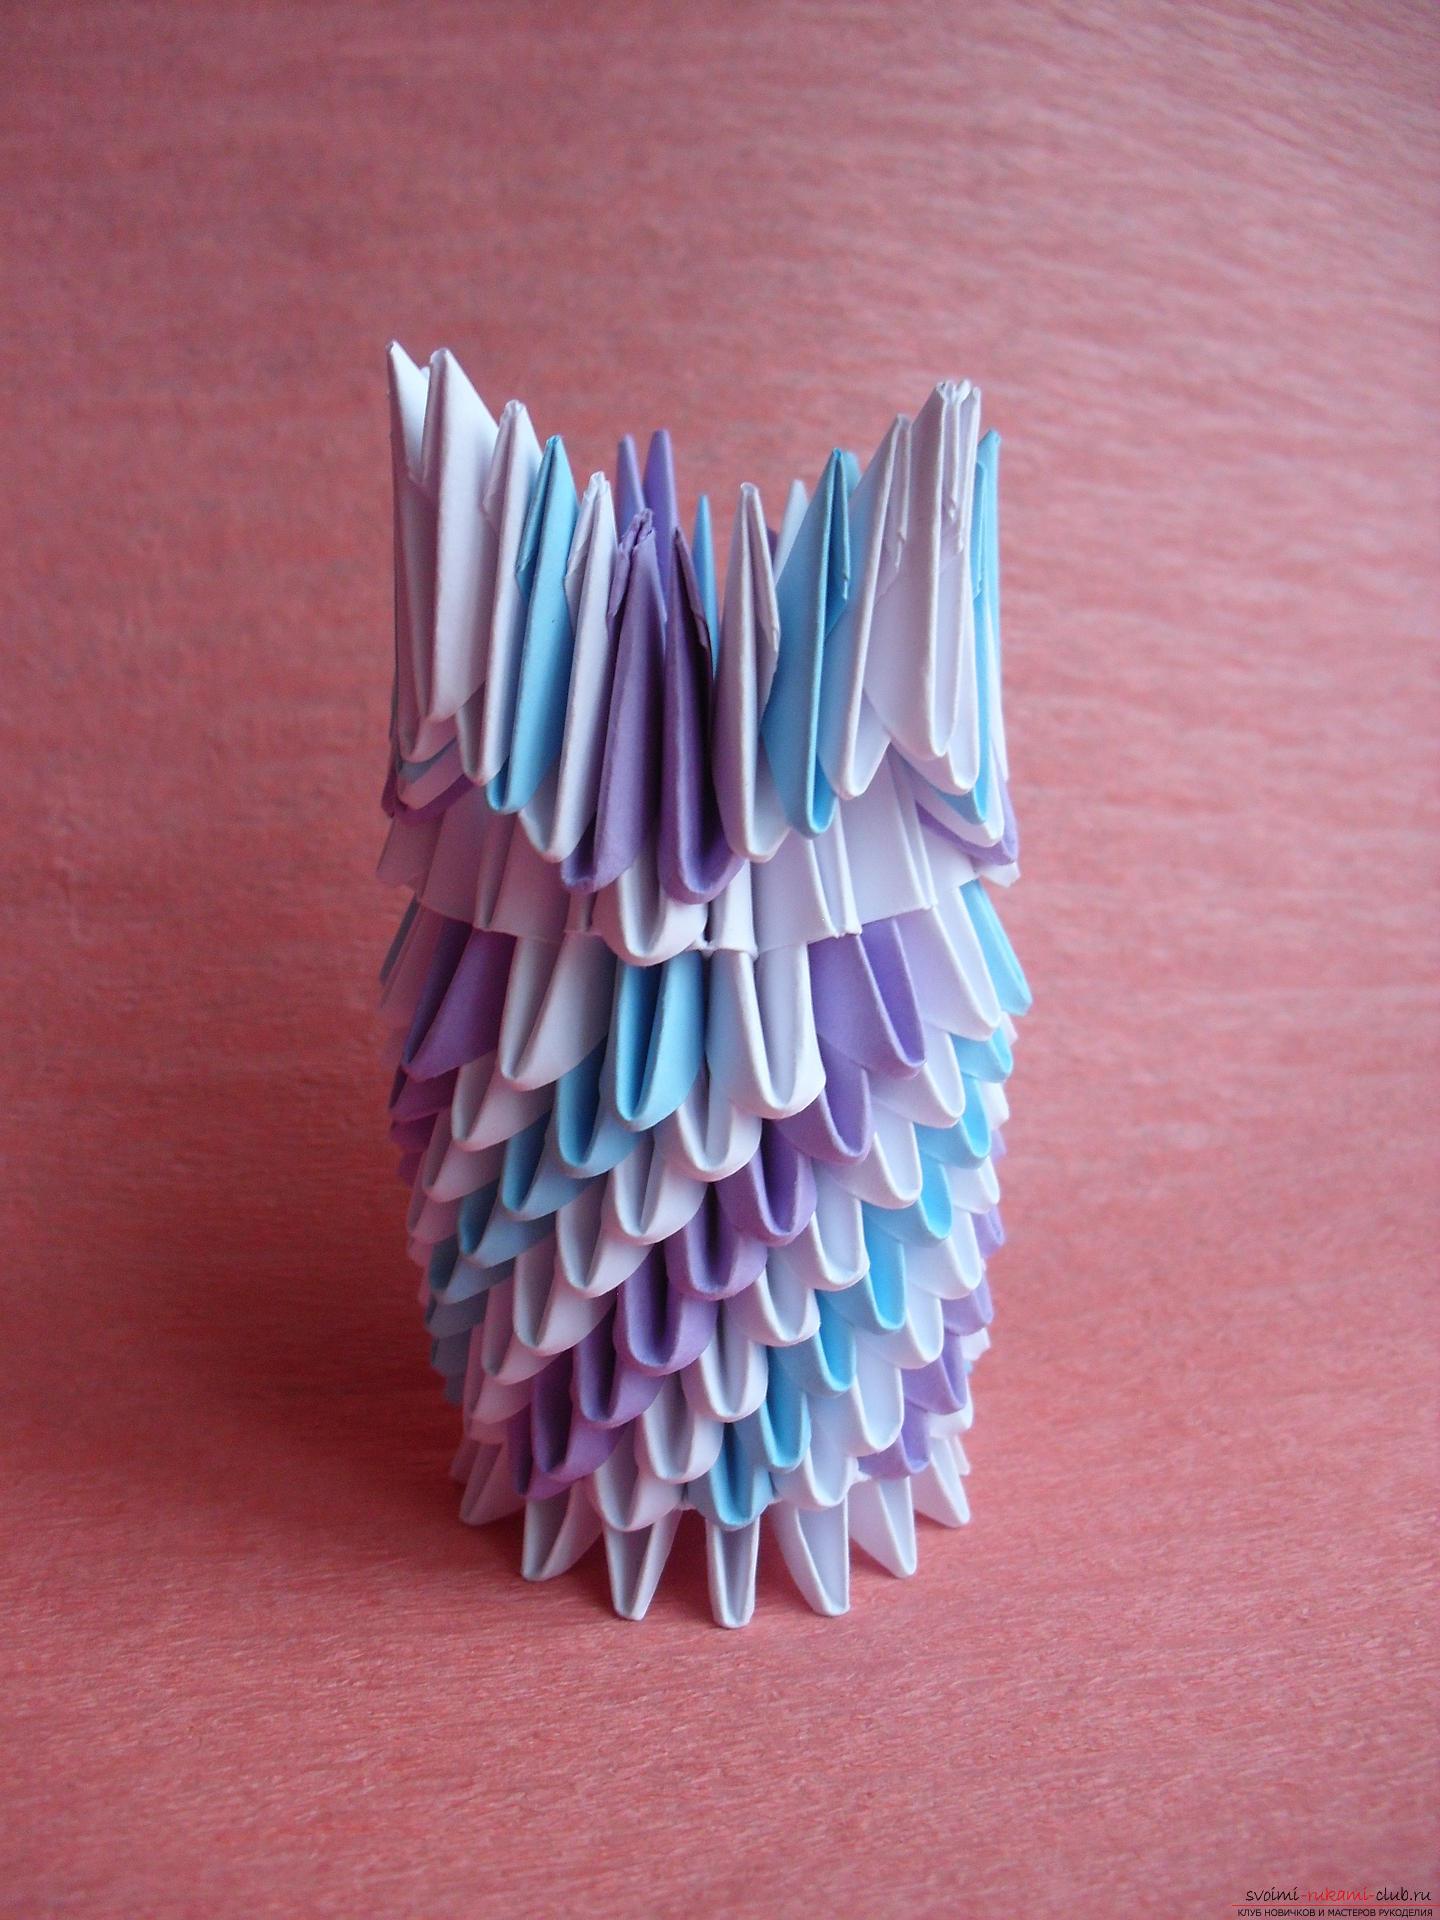 Этот мастер-класс научит как сделать вазу с тюльпанами из бумаги в технике модульного оригами.. Фото №11